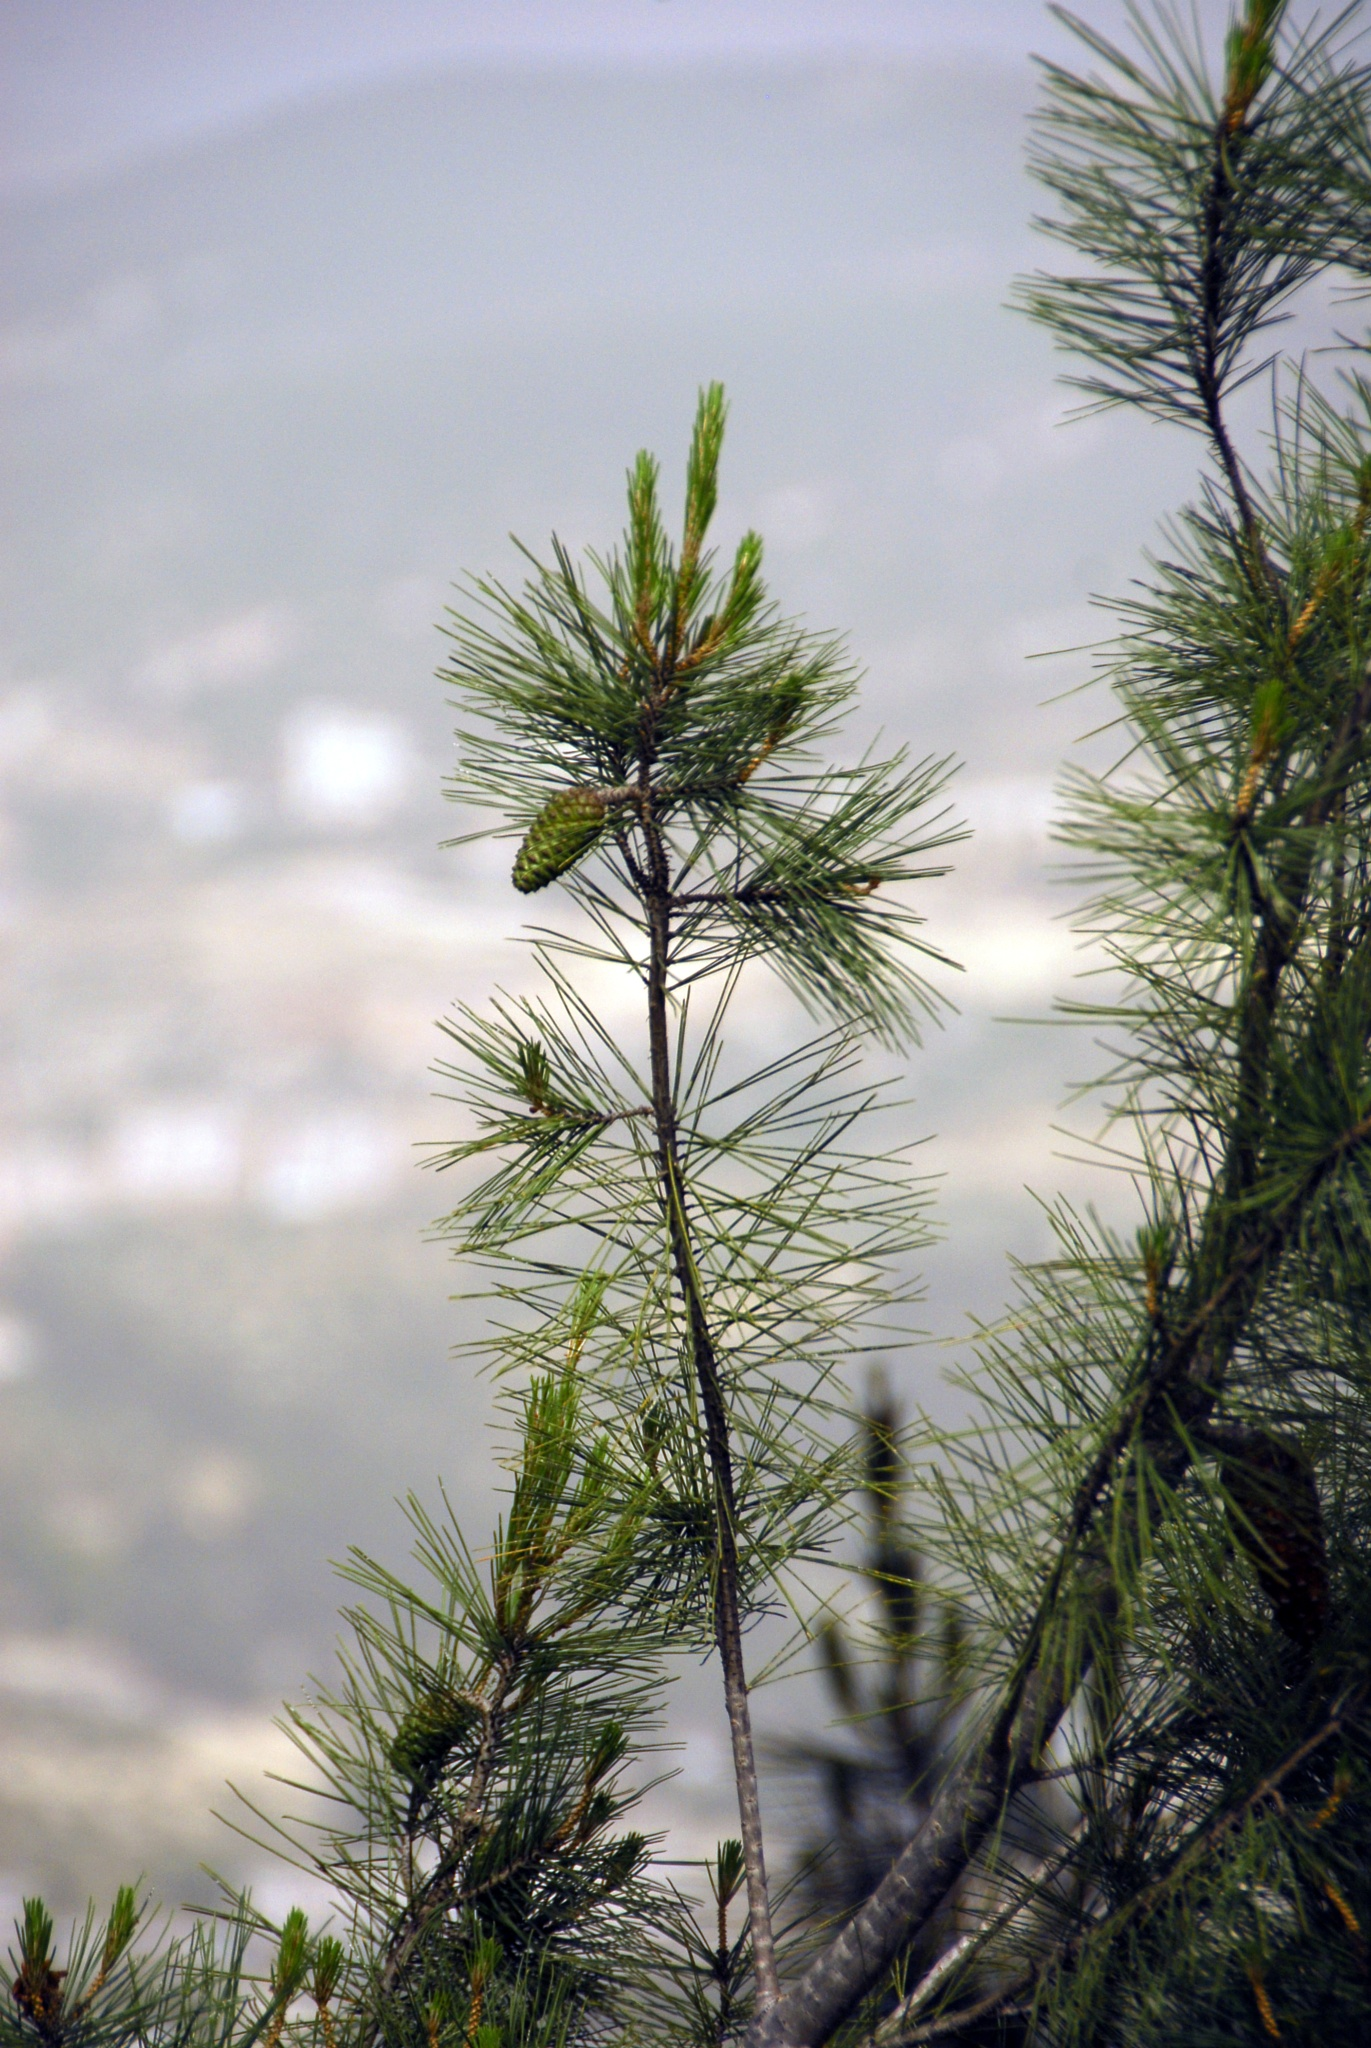 pine tree (Jordanian) by Alex  Falcon